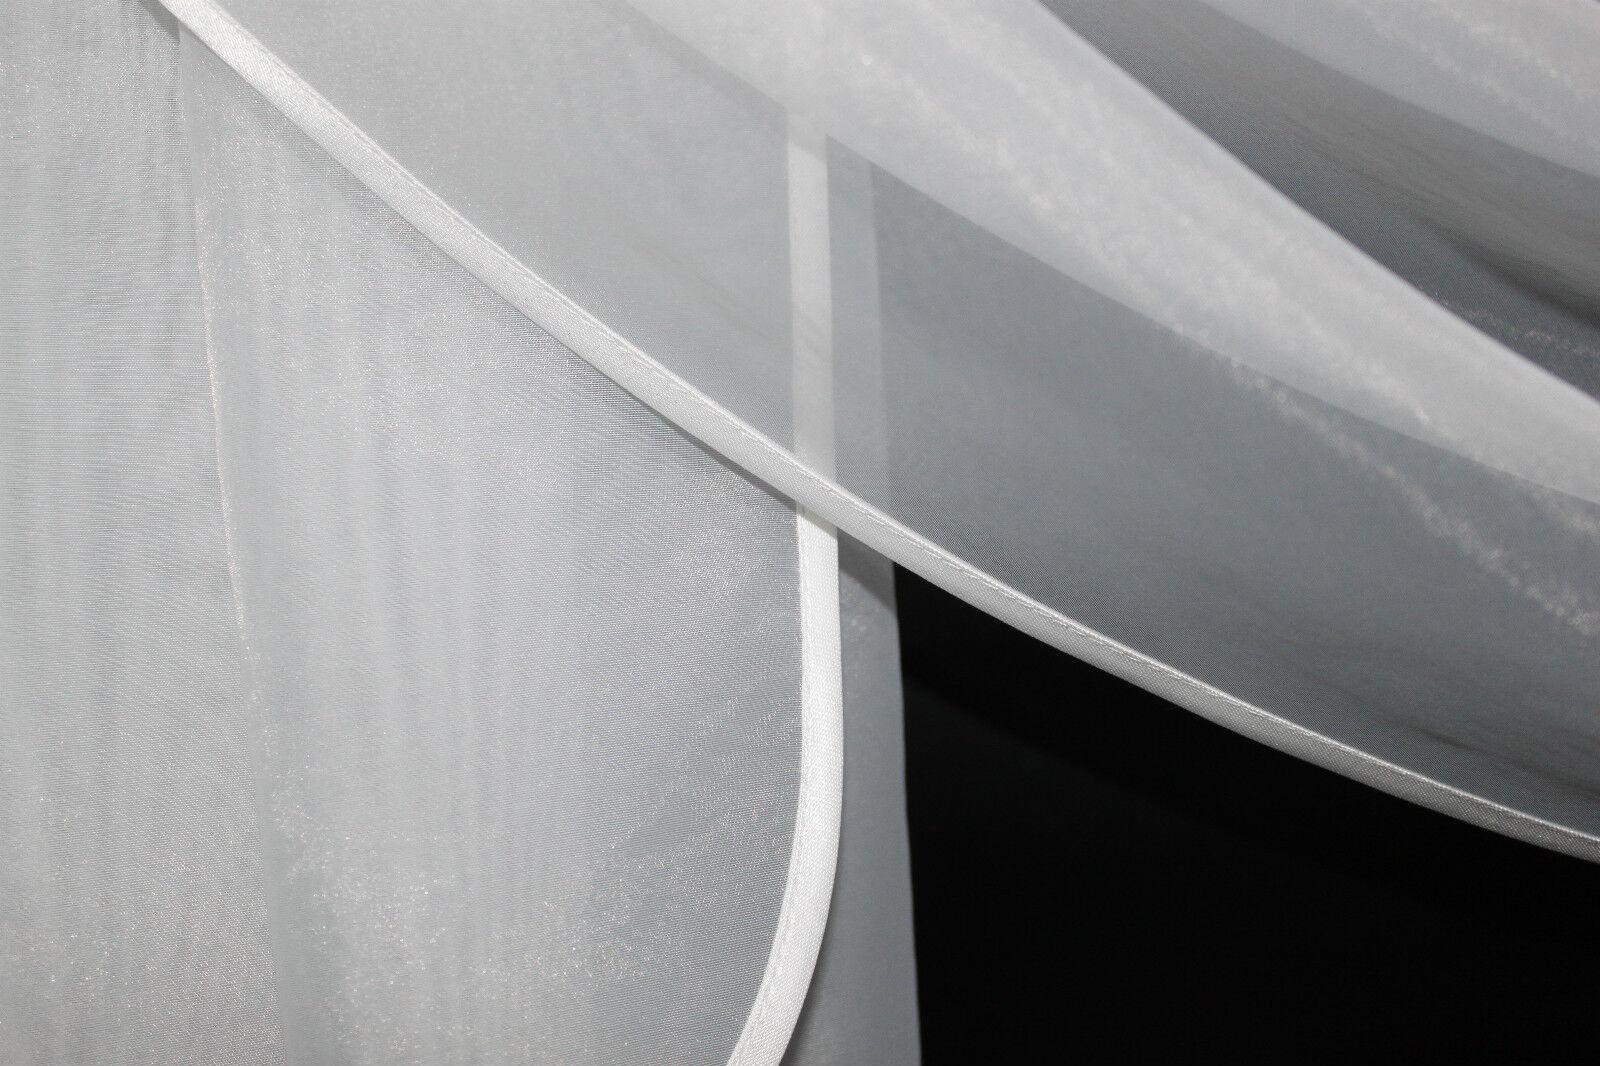 Deko - Gardine, Store, Vorhang in der Farbe weiss weiss weiss 4eae39